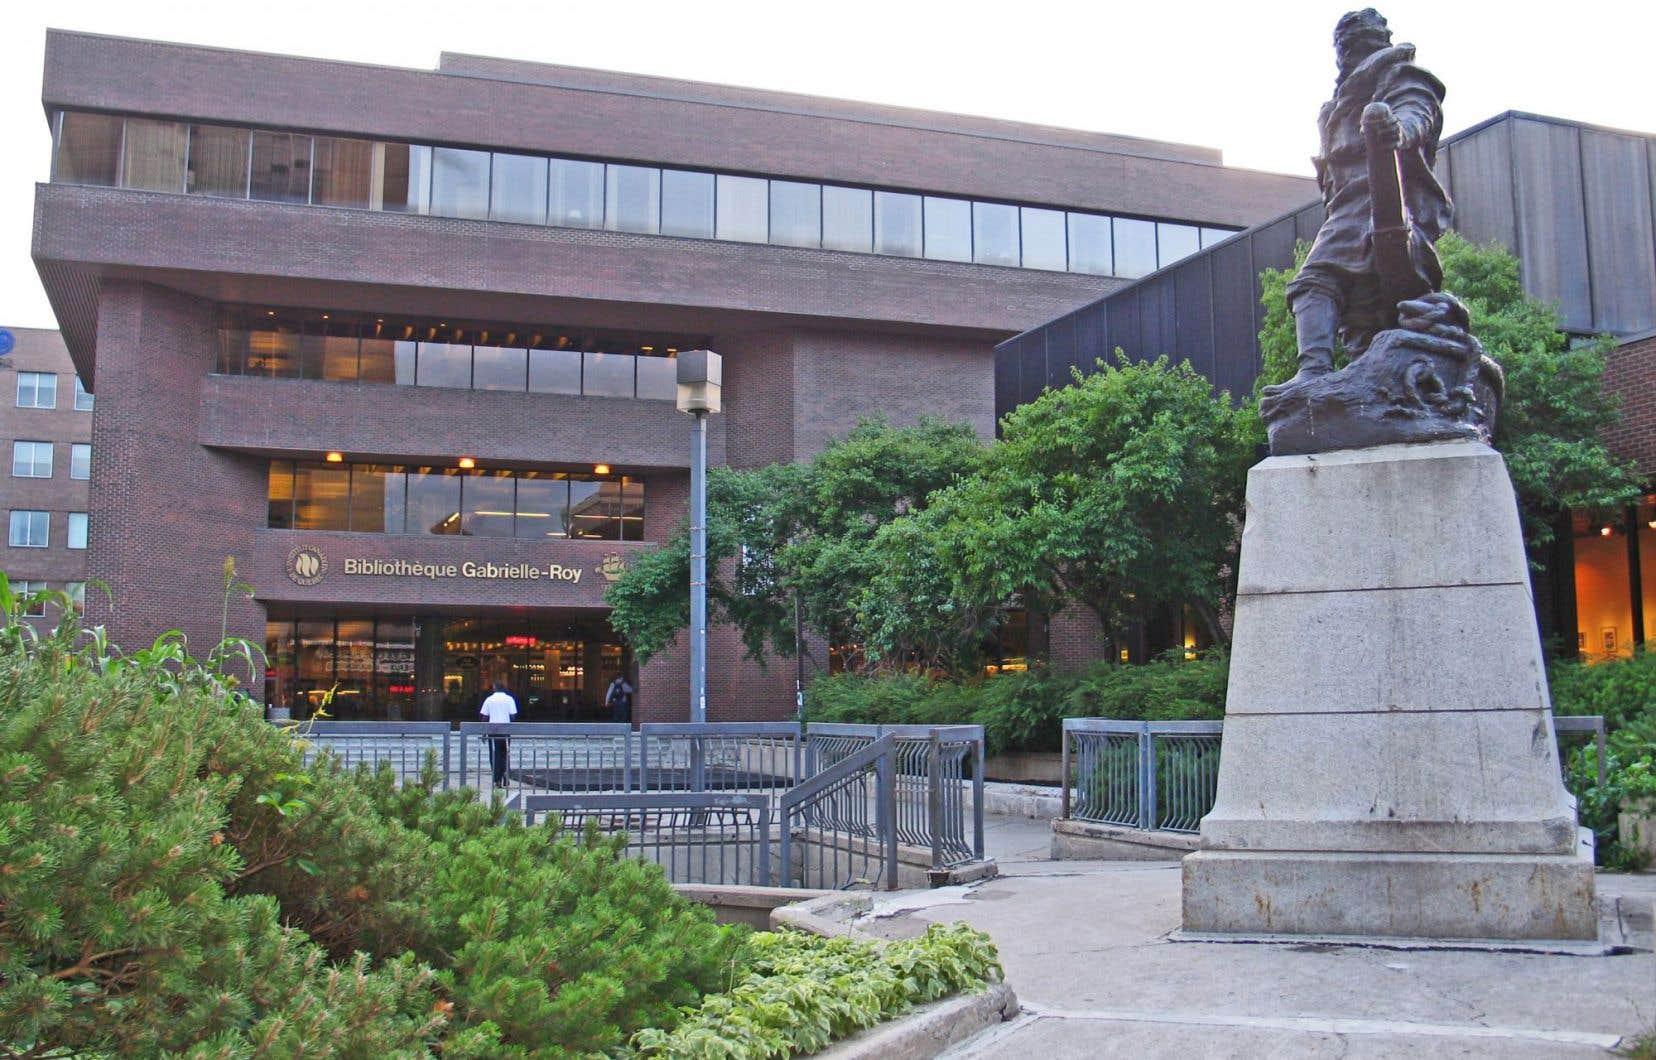 Pour chaque arrondissement de Québec, une bibliothèque est longuement ouverte, entre 55 et… 83heures. La bibliothèque Gabrielle-Roy a un horaire de 82heures par semaine.